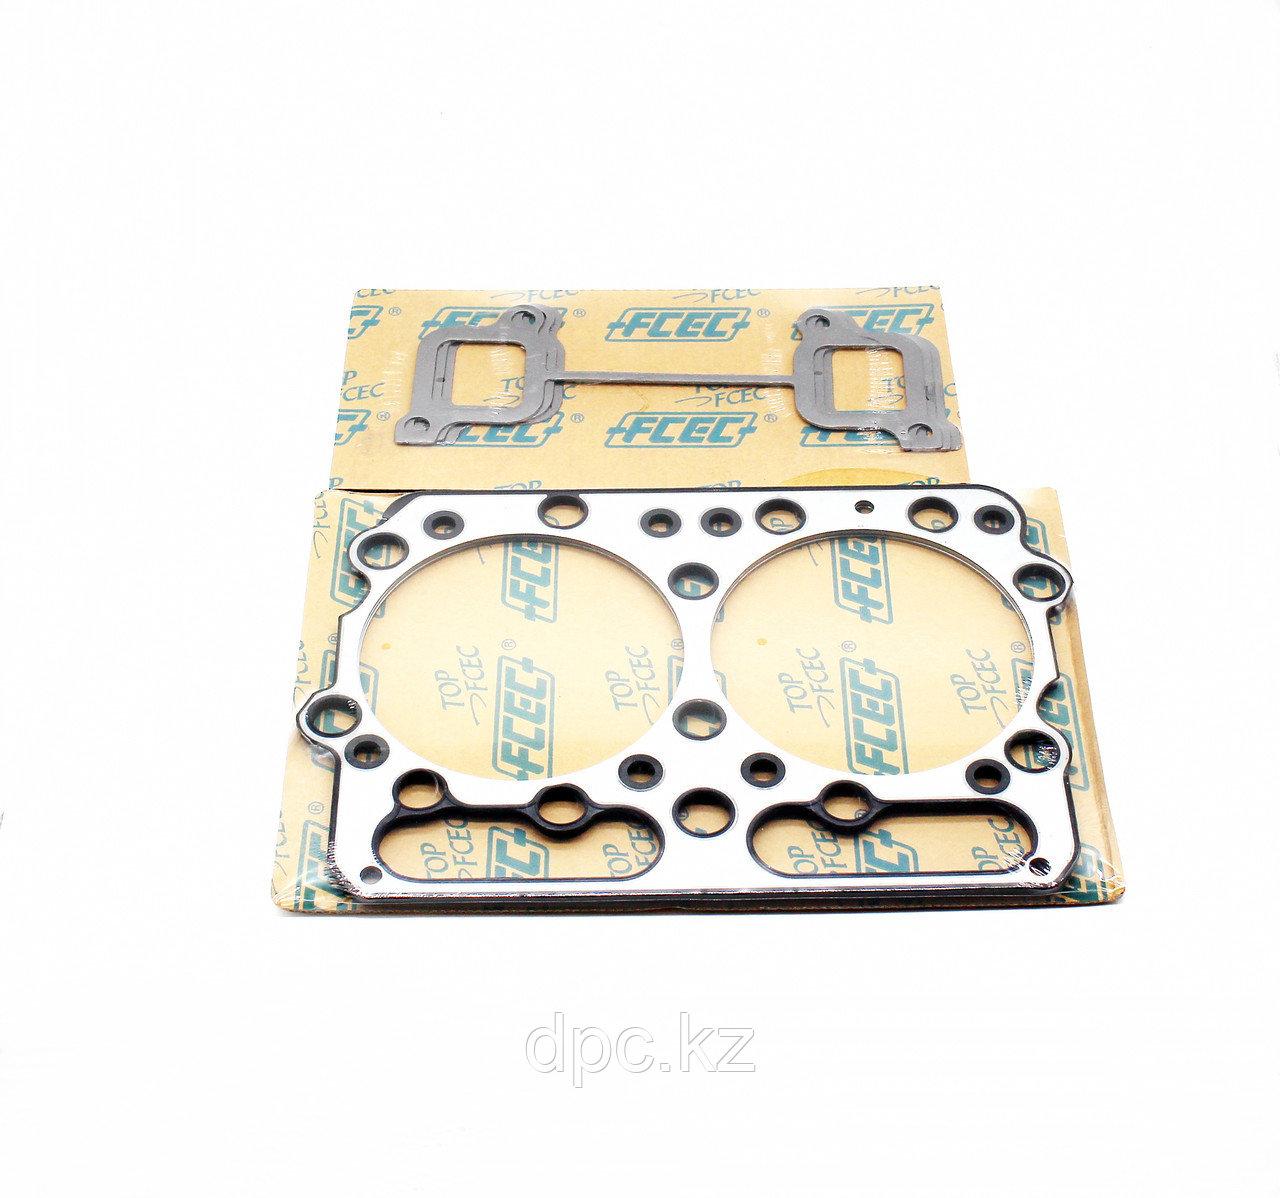 Верхний комплект прокладок FCEC для Cummins N14 4089371 4024928 3804740